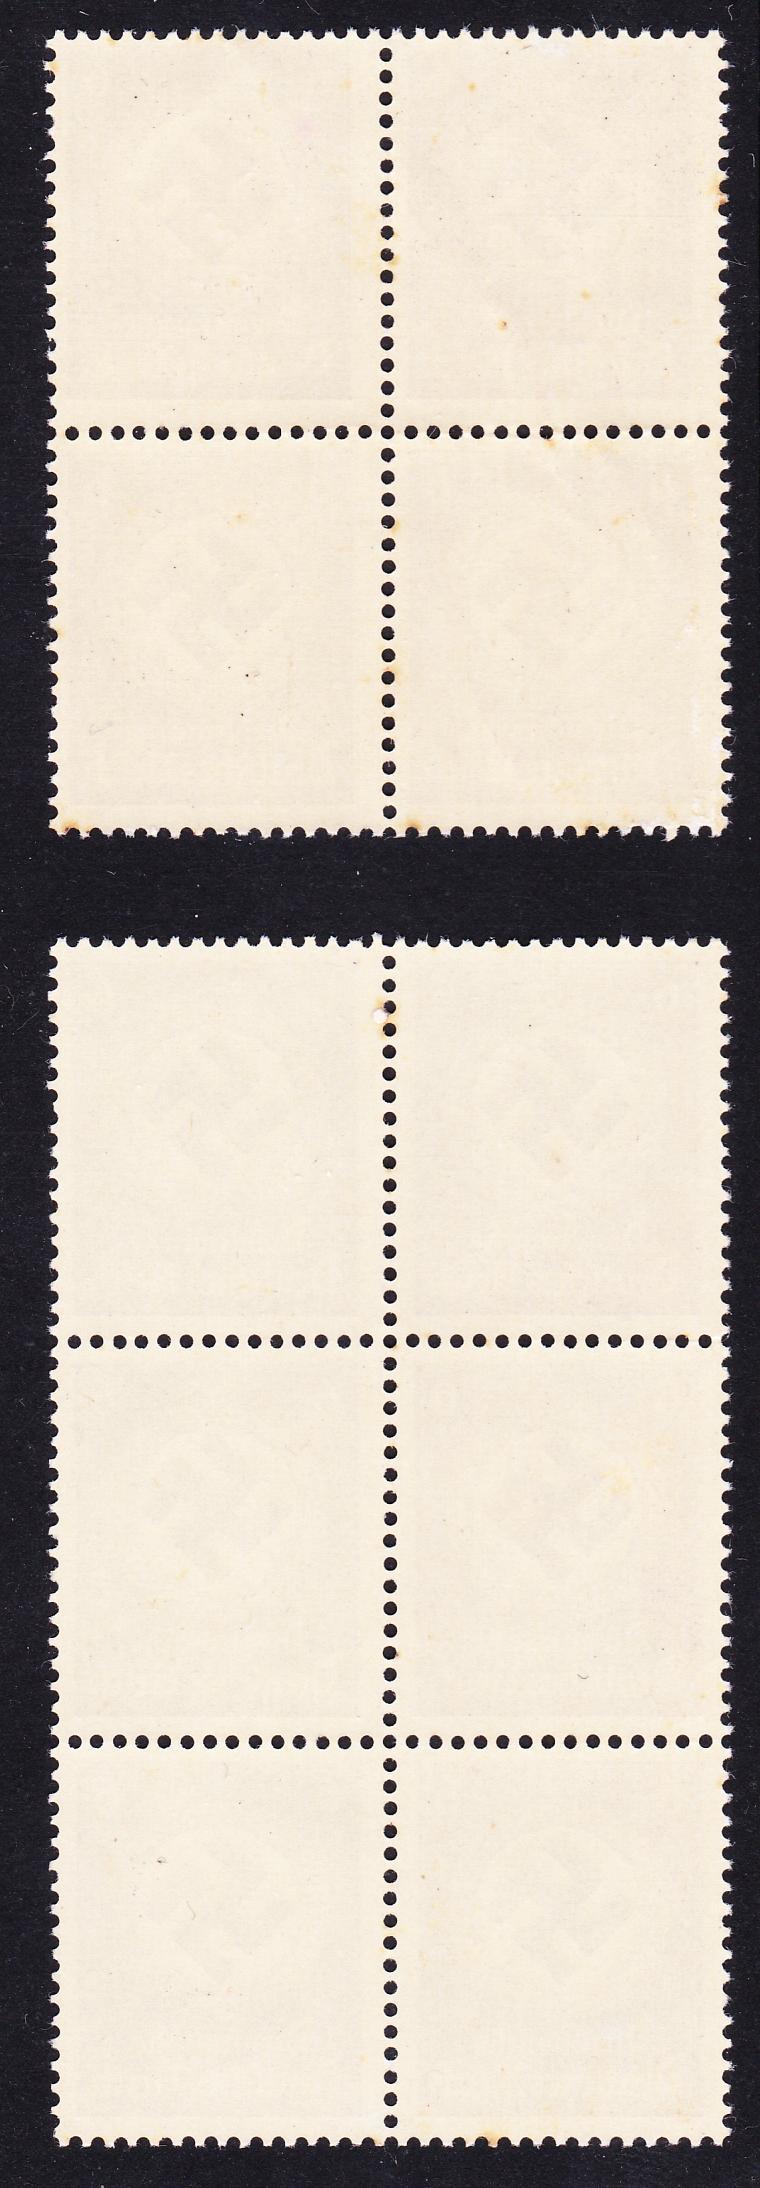 Das Grundbestecke eines Briefmarkensammlers Unbena48